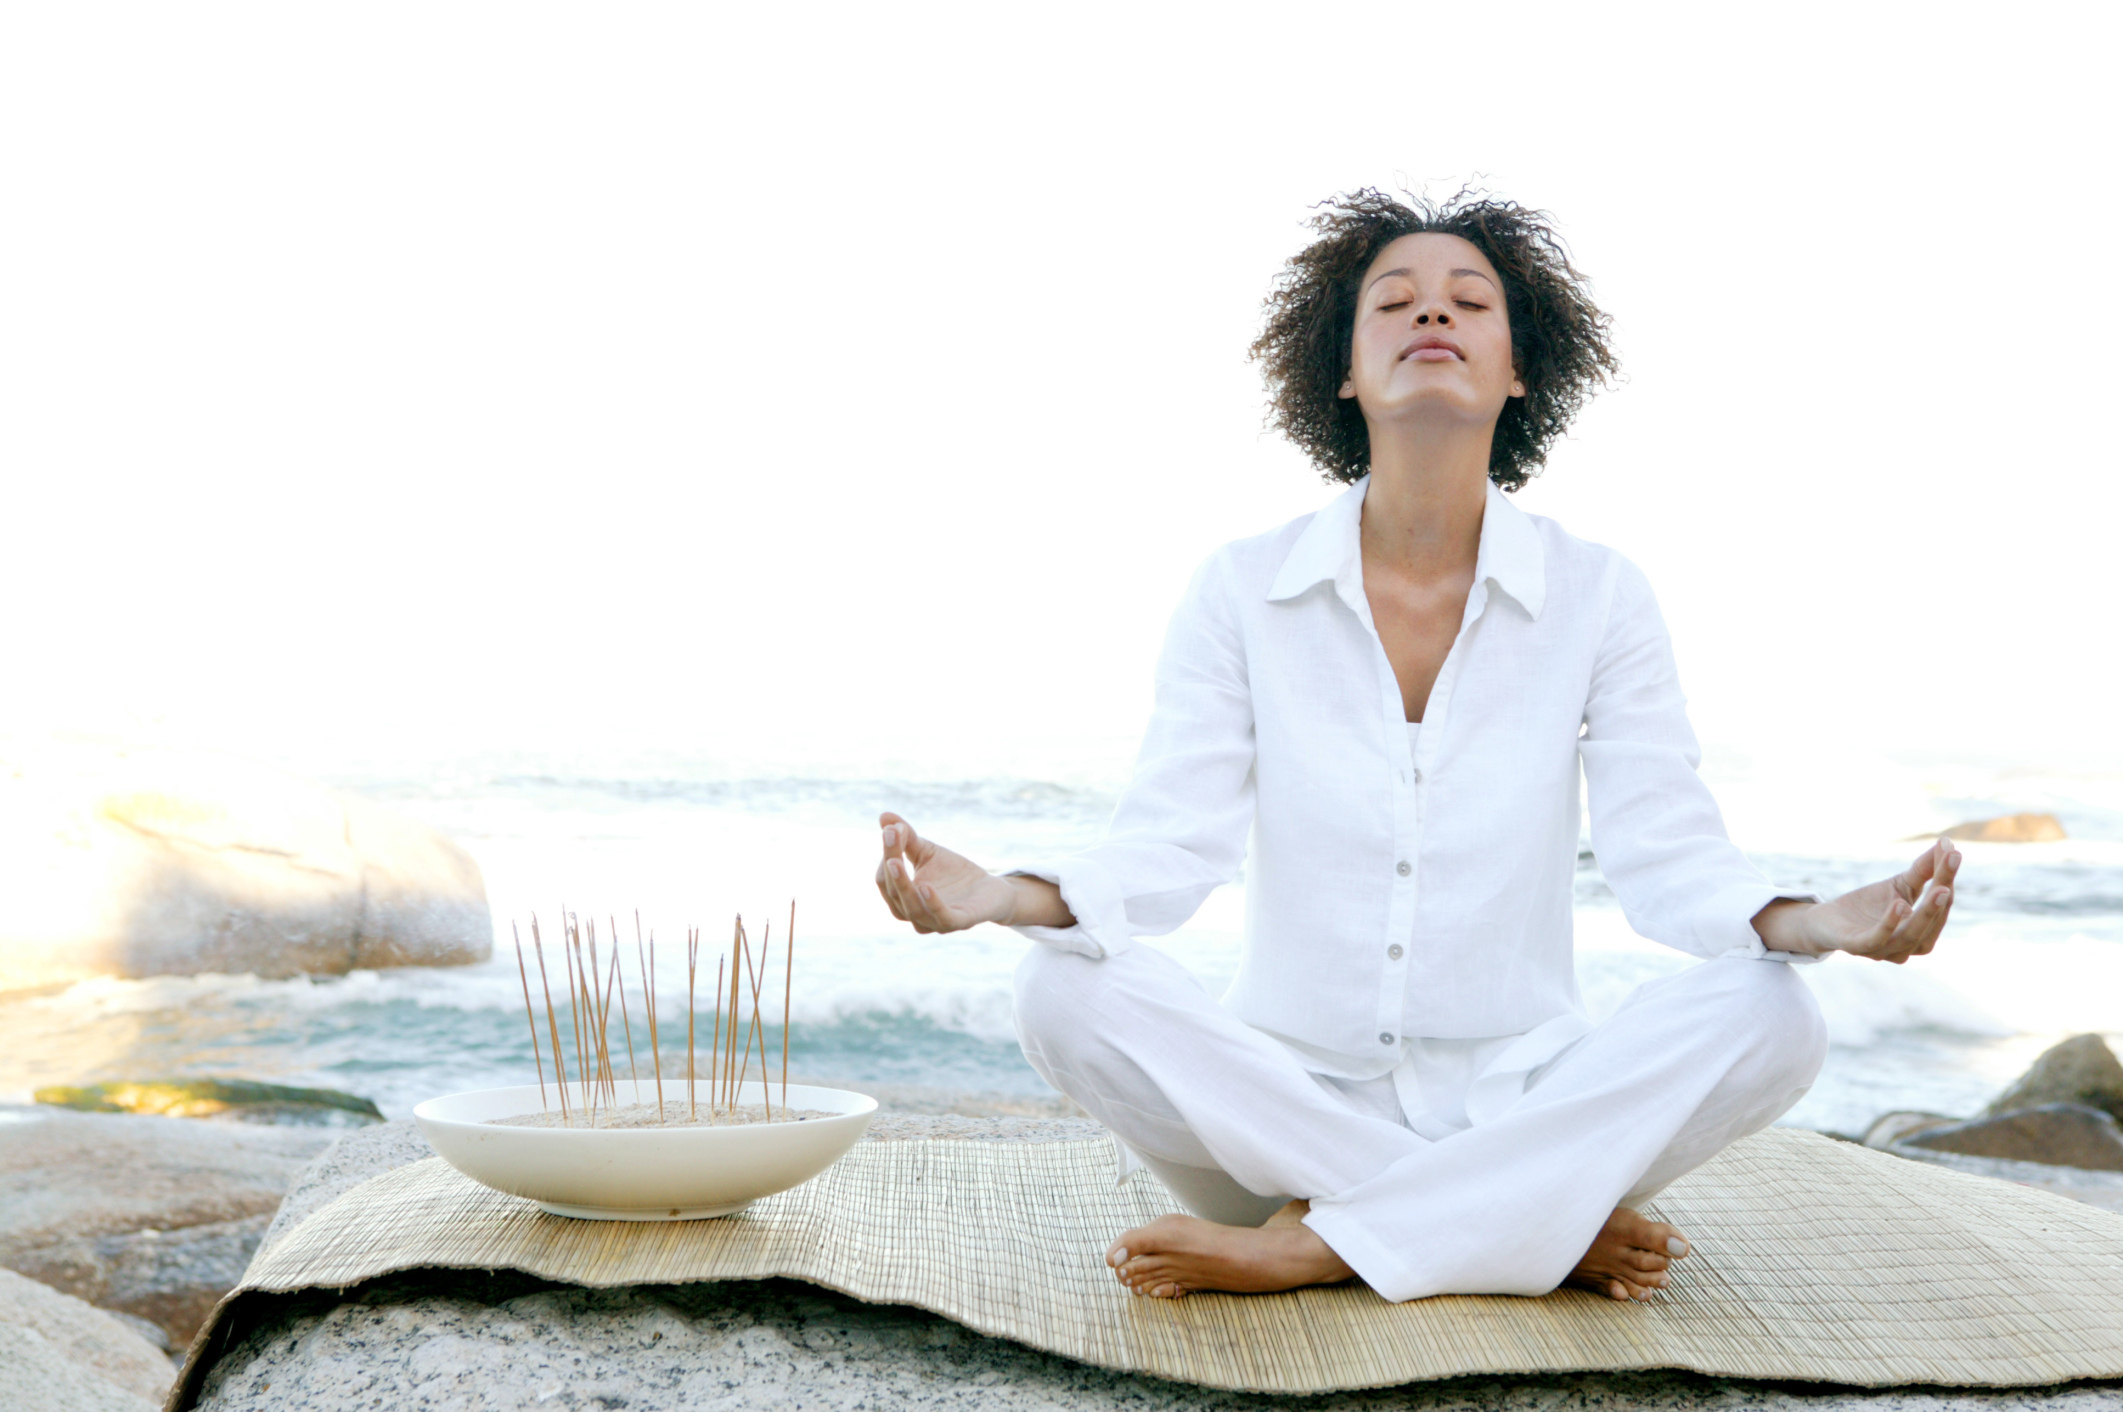 woman ocean breathing meditate